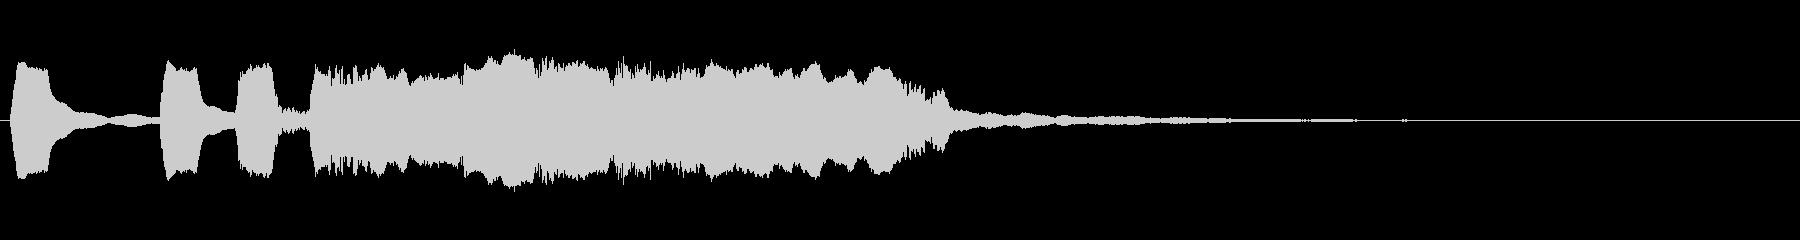 ケルトジングル 2 ホイッスル2管のみの未再生の波形